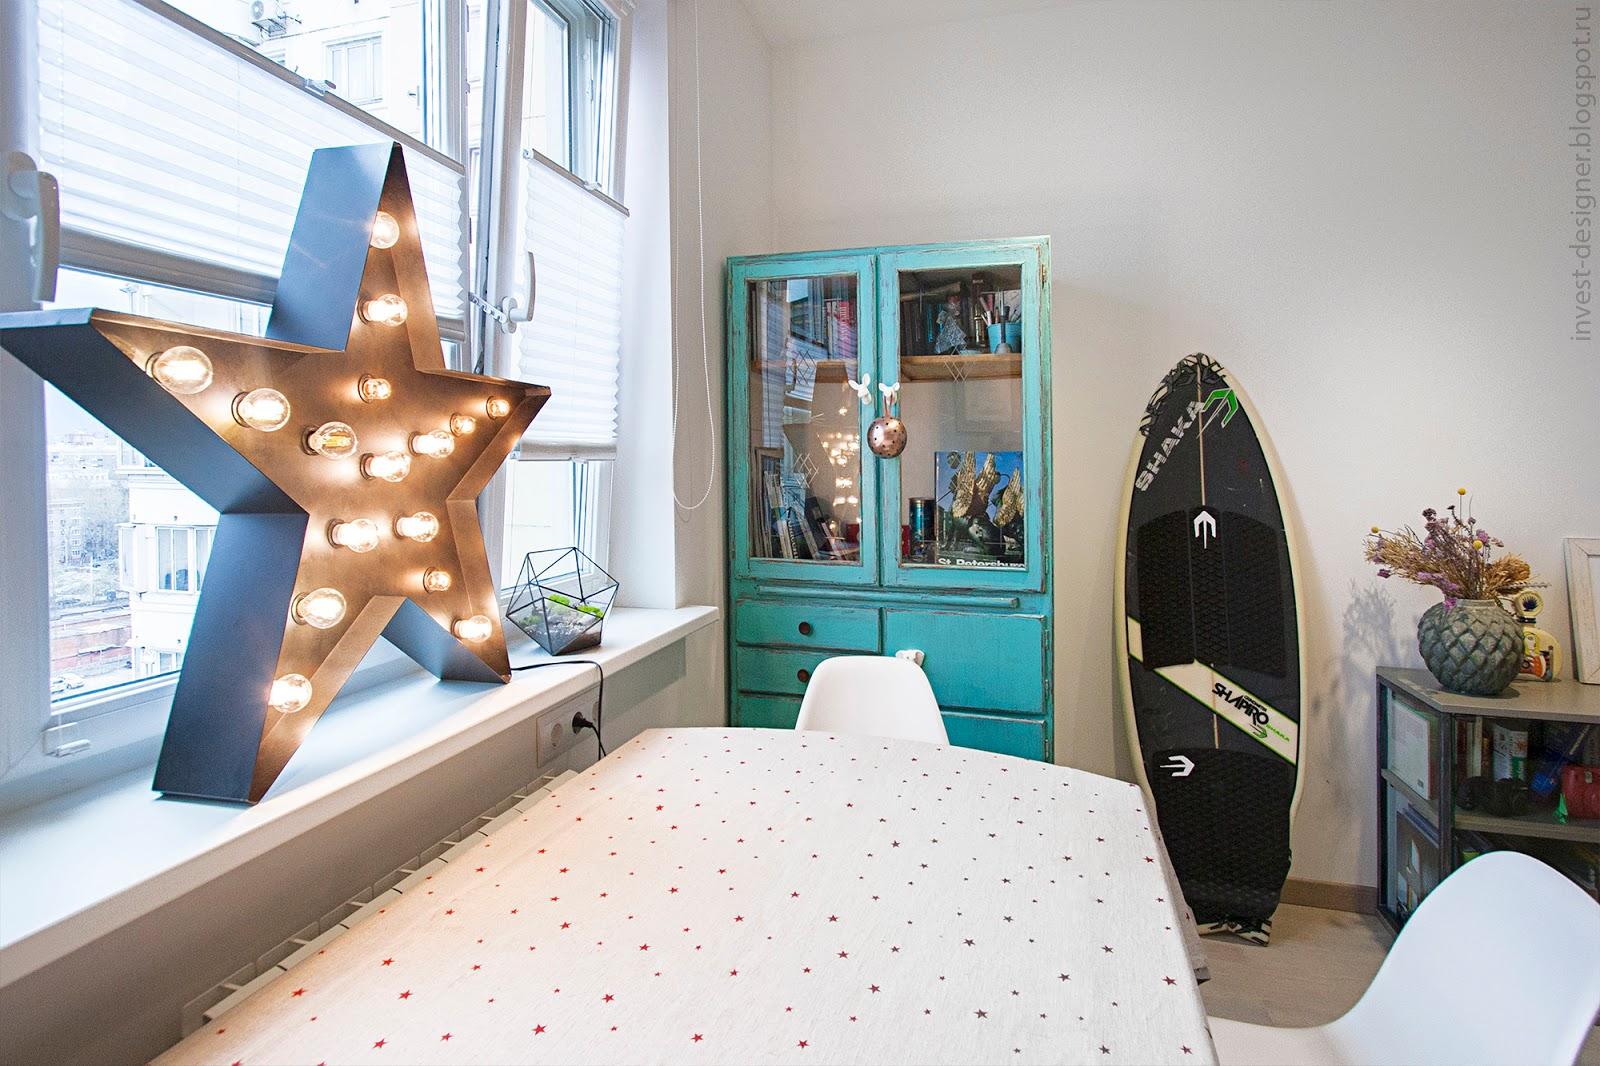 двери, фотосъемка квартиры для сдачи в аренду розетки обе